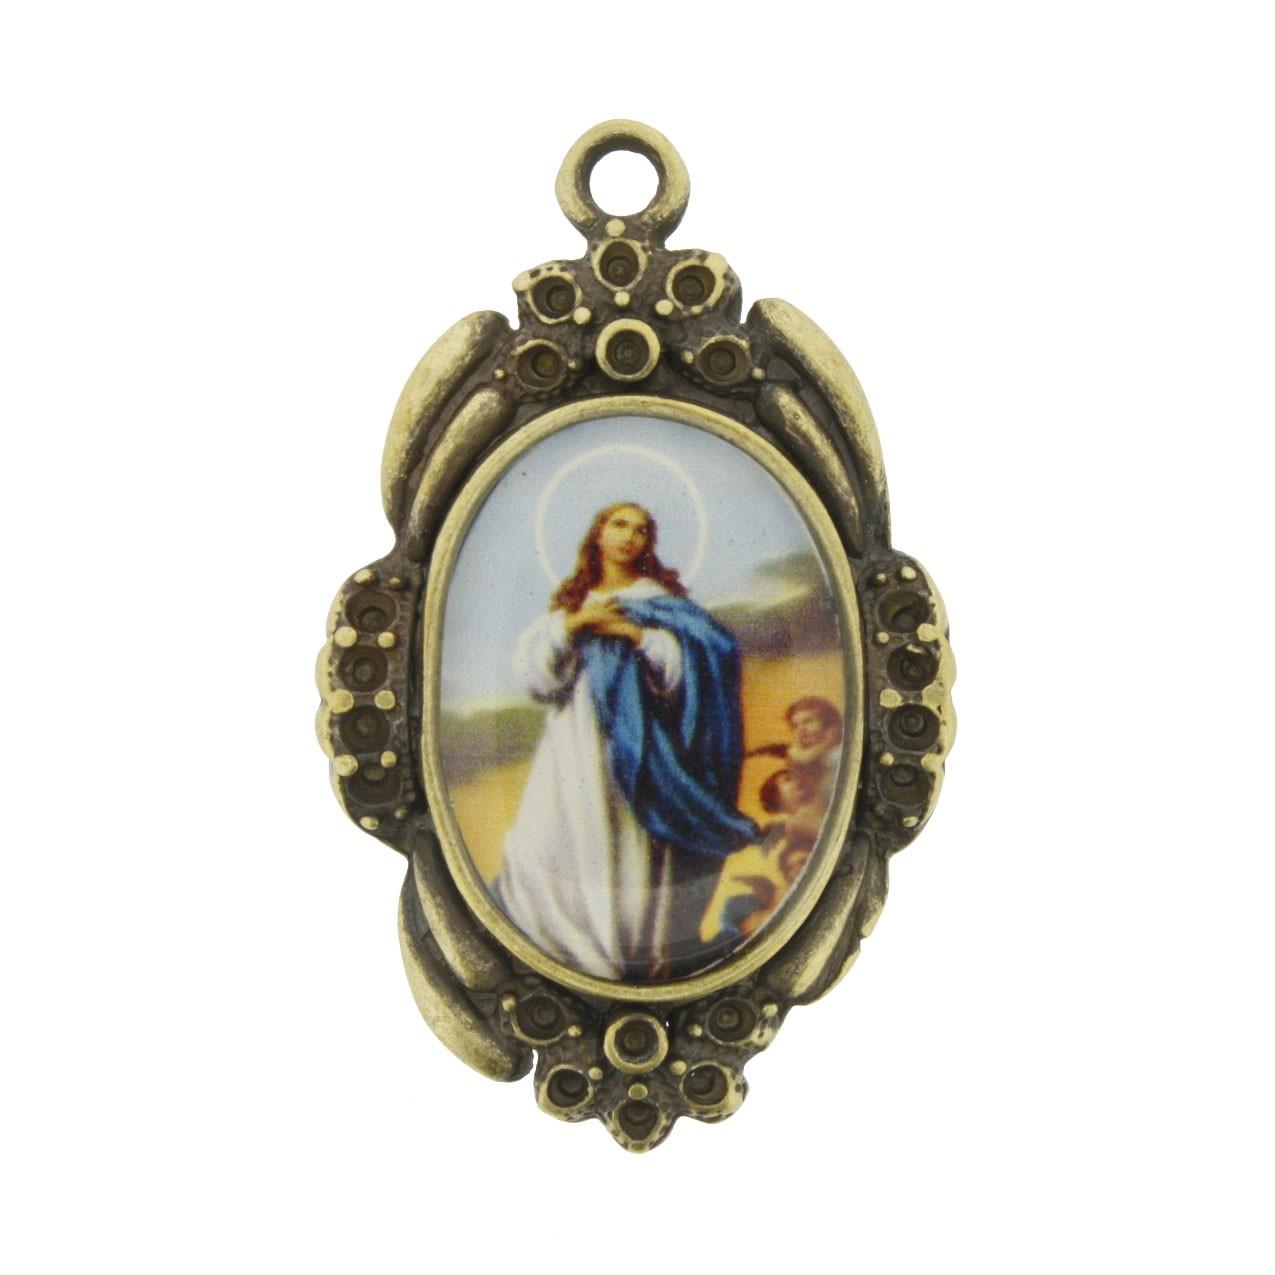 Nossa Senhora Imaculada Conceição - Ouro Velho e Resina - 42x26mm  - Universo Religioso® - Artigos de Umbanda e Candomblé